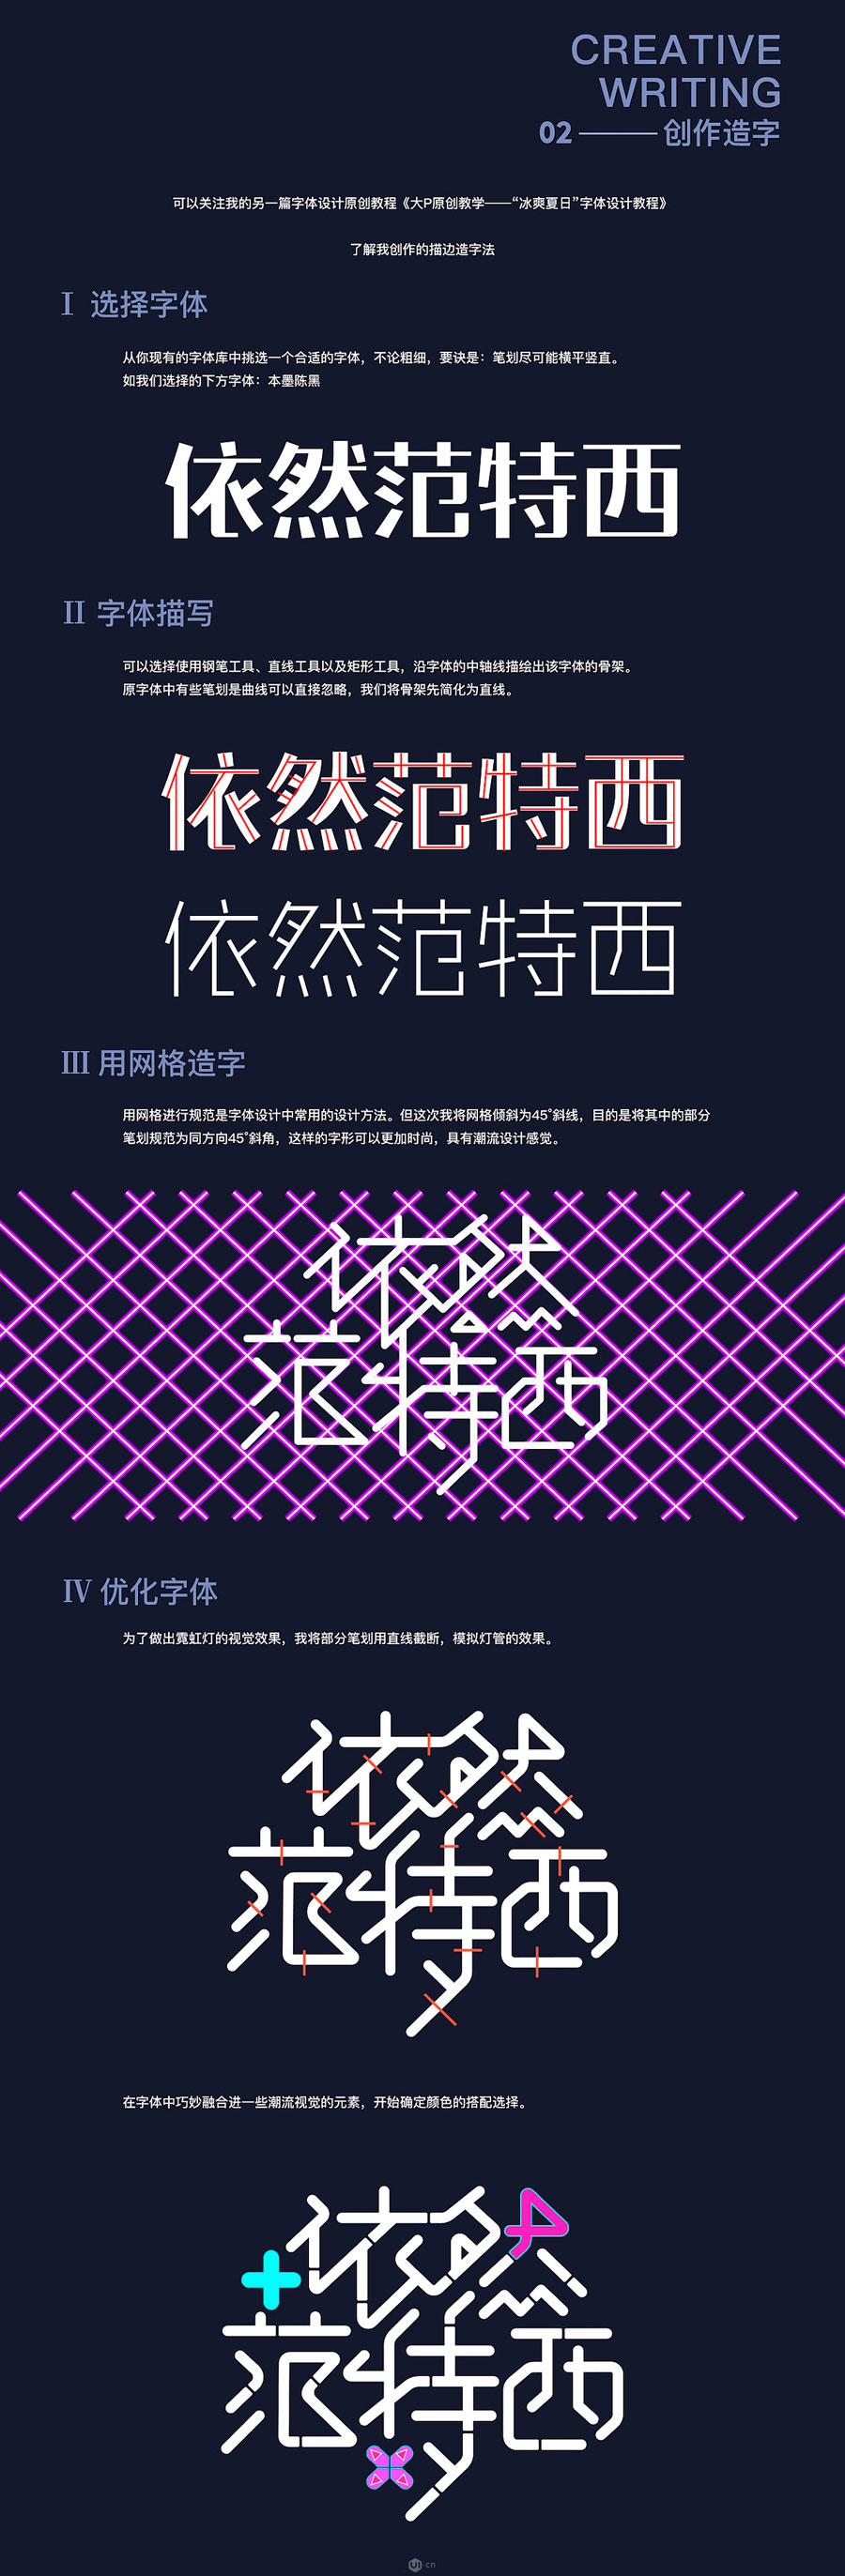 霓虹文字:用AI制作立体灯管艺术字